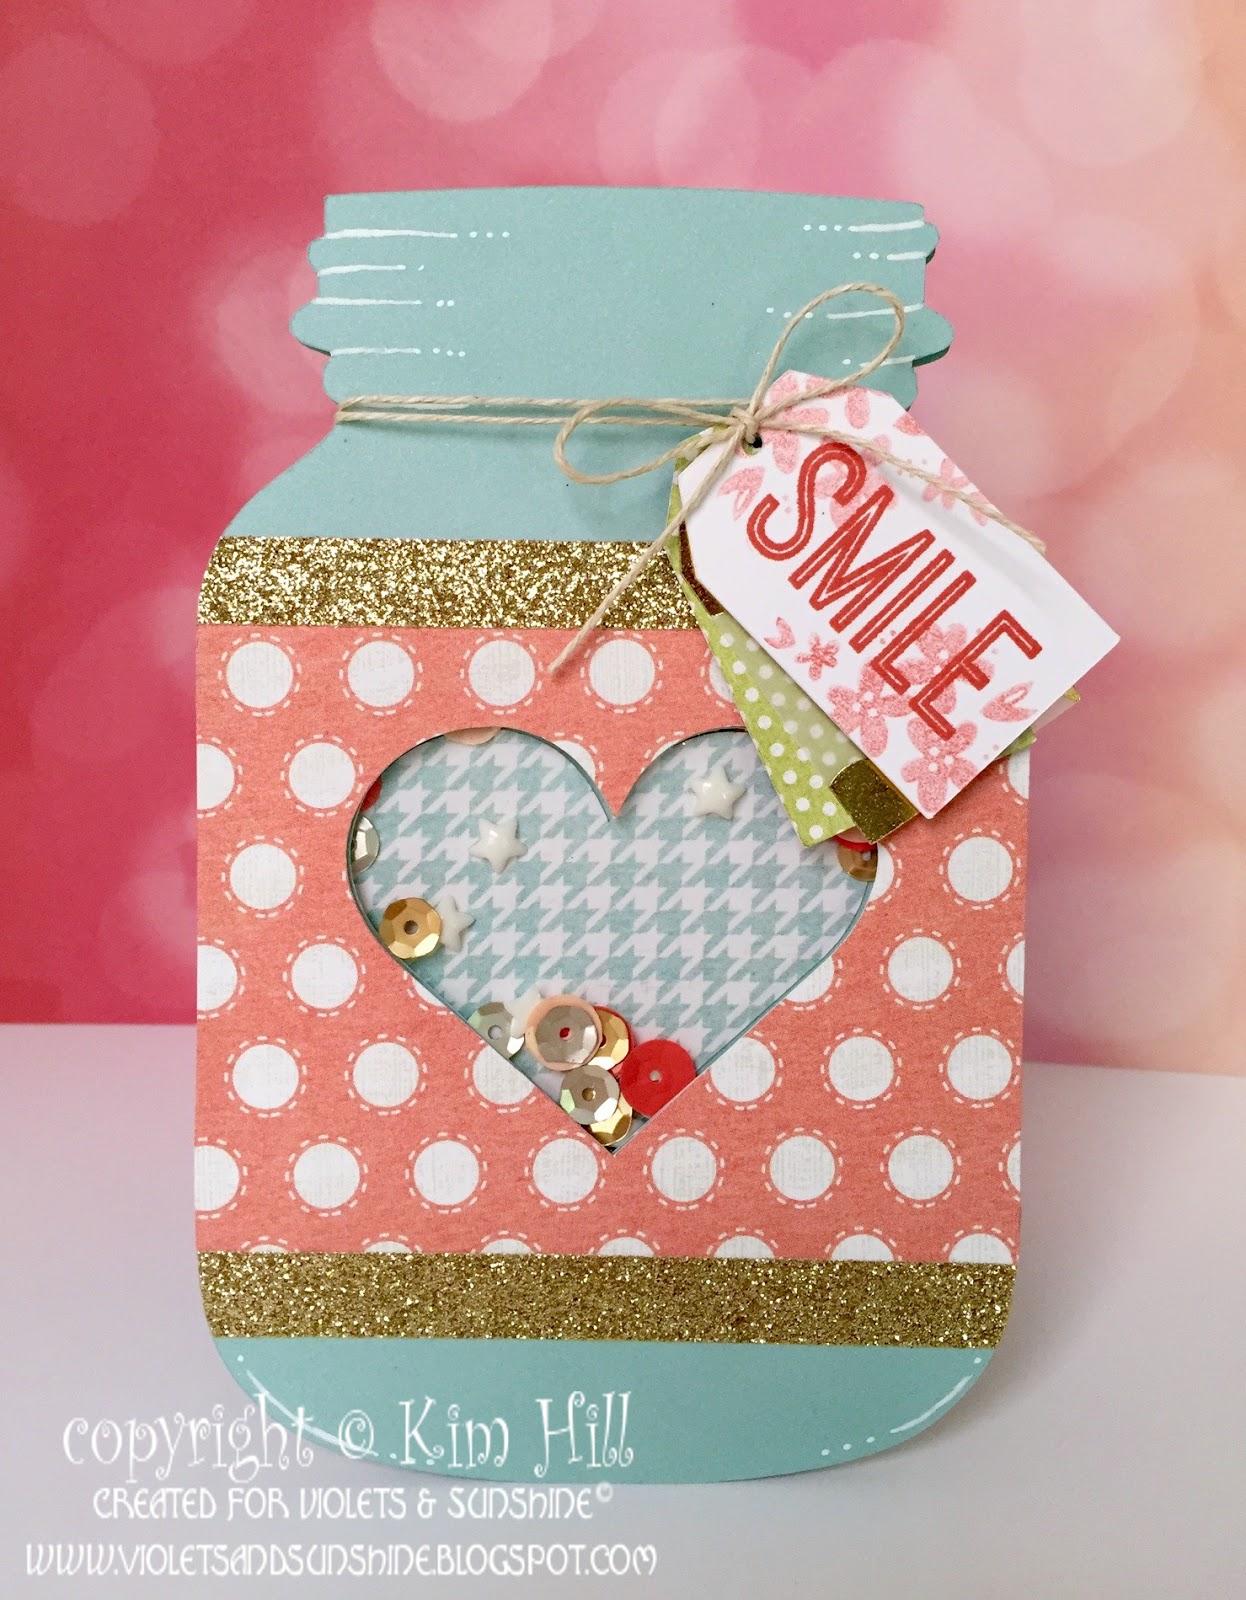 Violets & Sunshine: Rose Blossom Blog Hop: The Artistry of a Shaker ...